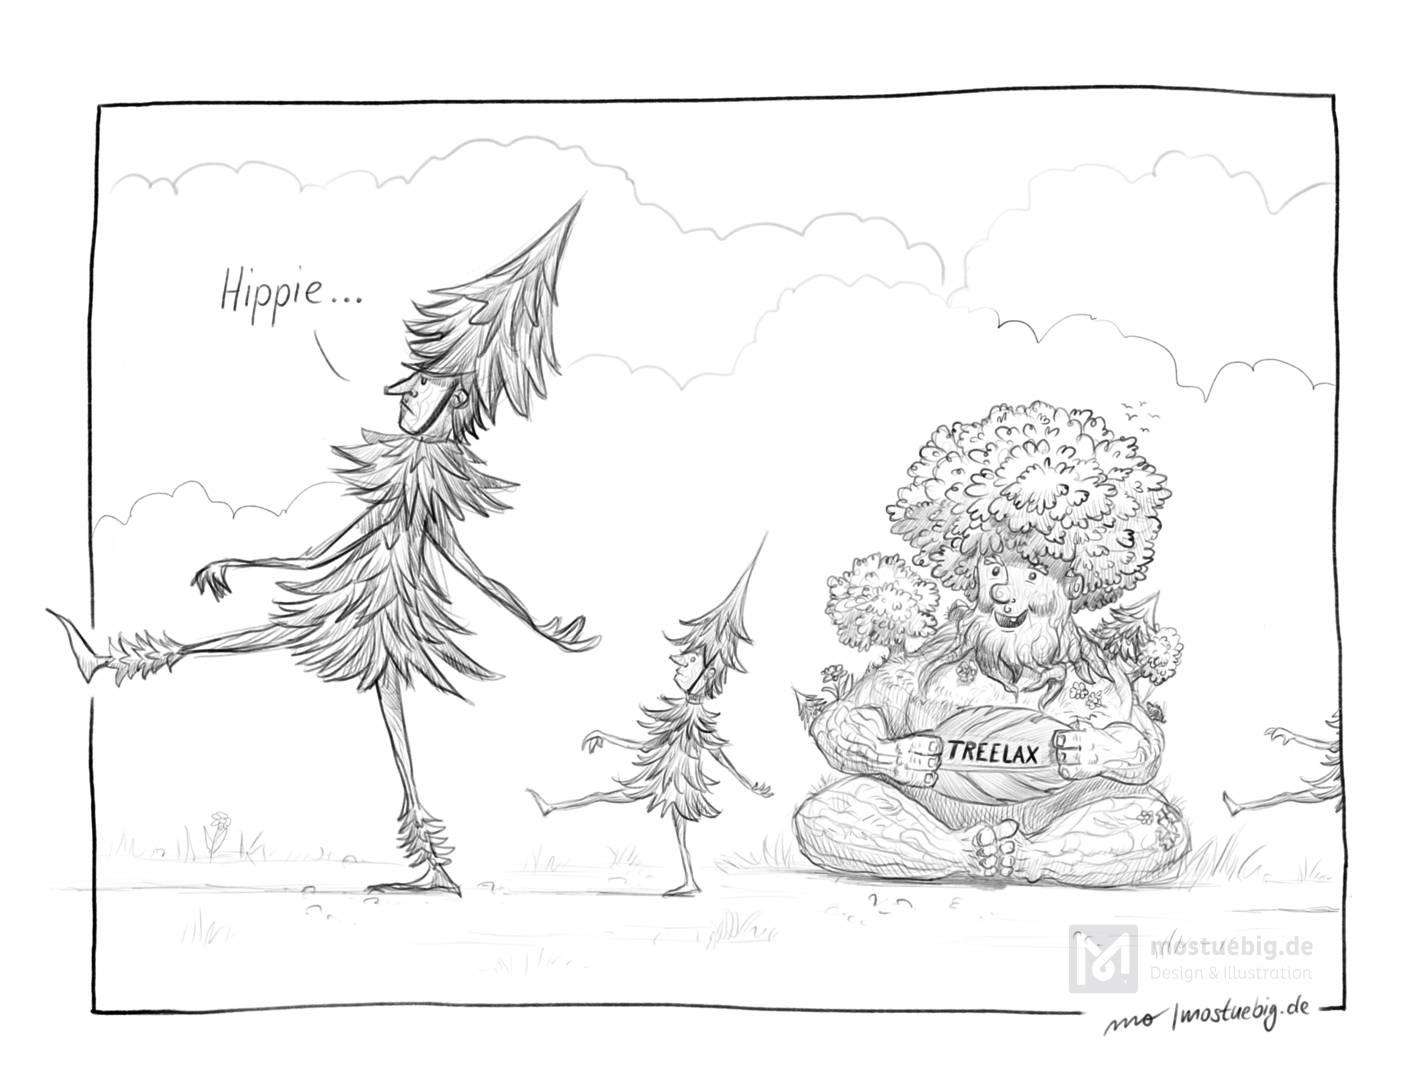 Schwarzweißillustration. Eine Vatertanne läuft mit erhobener Nase zusammen mit seinen beiden Tannenkindern an einem Mischwald vorbei, der ein Schild »Treelax«. Vatertanne sagt dabei »Hippie«